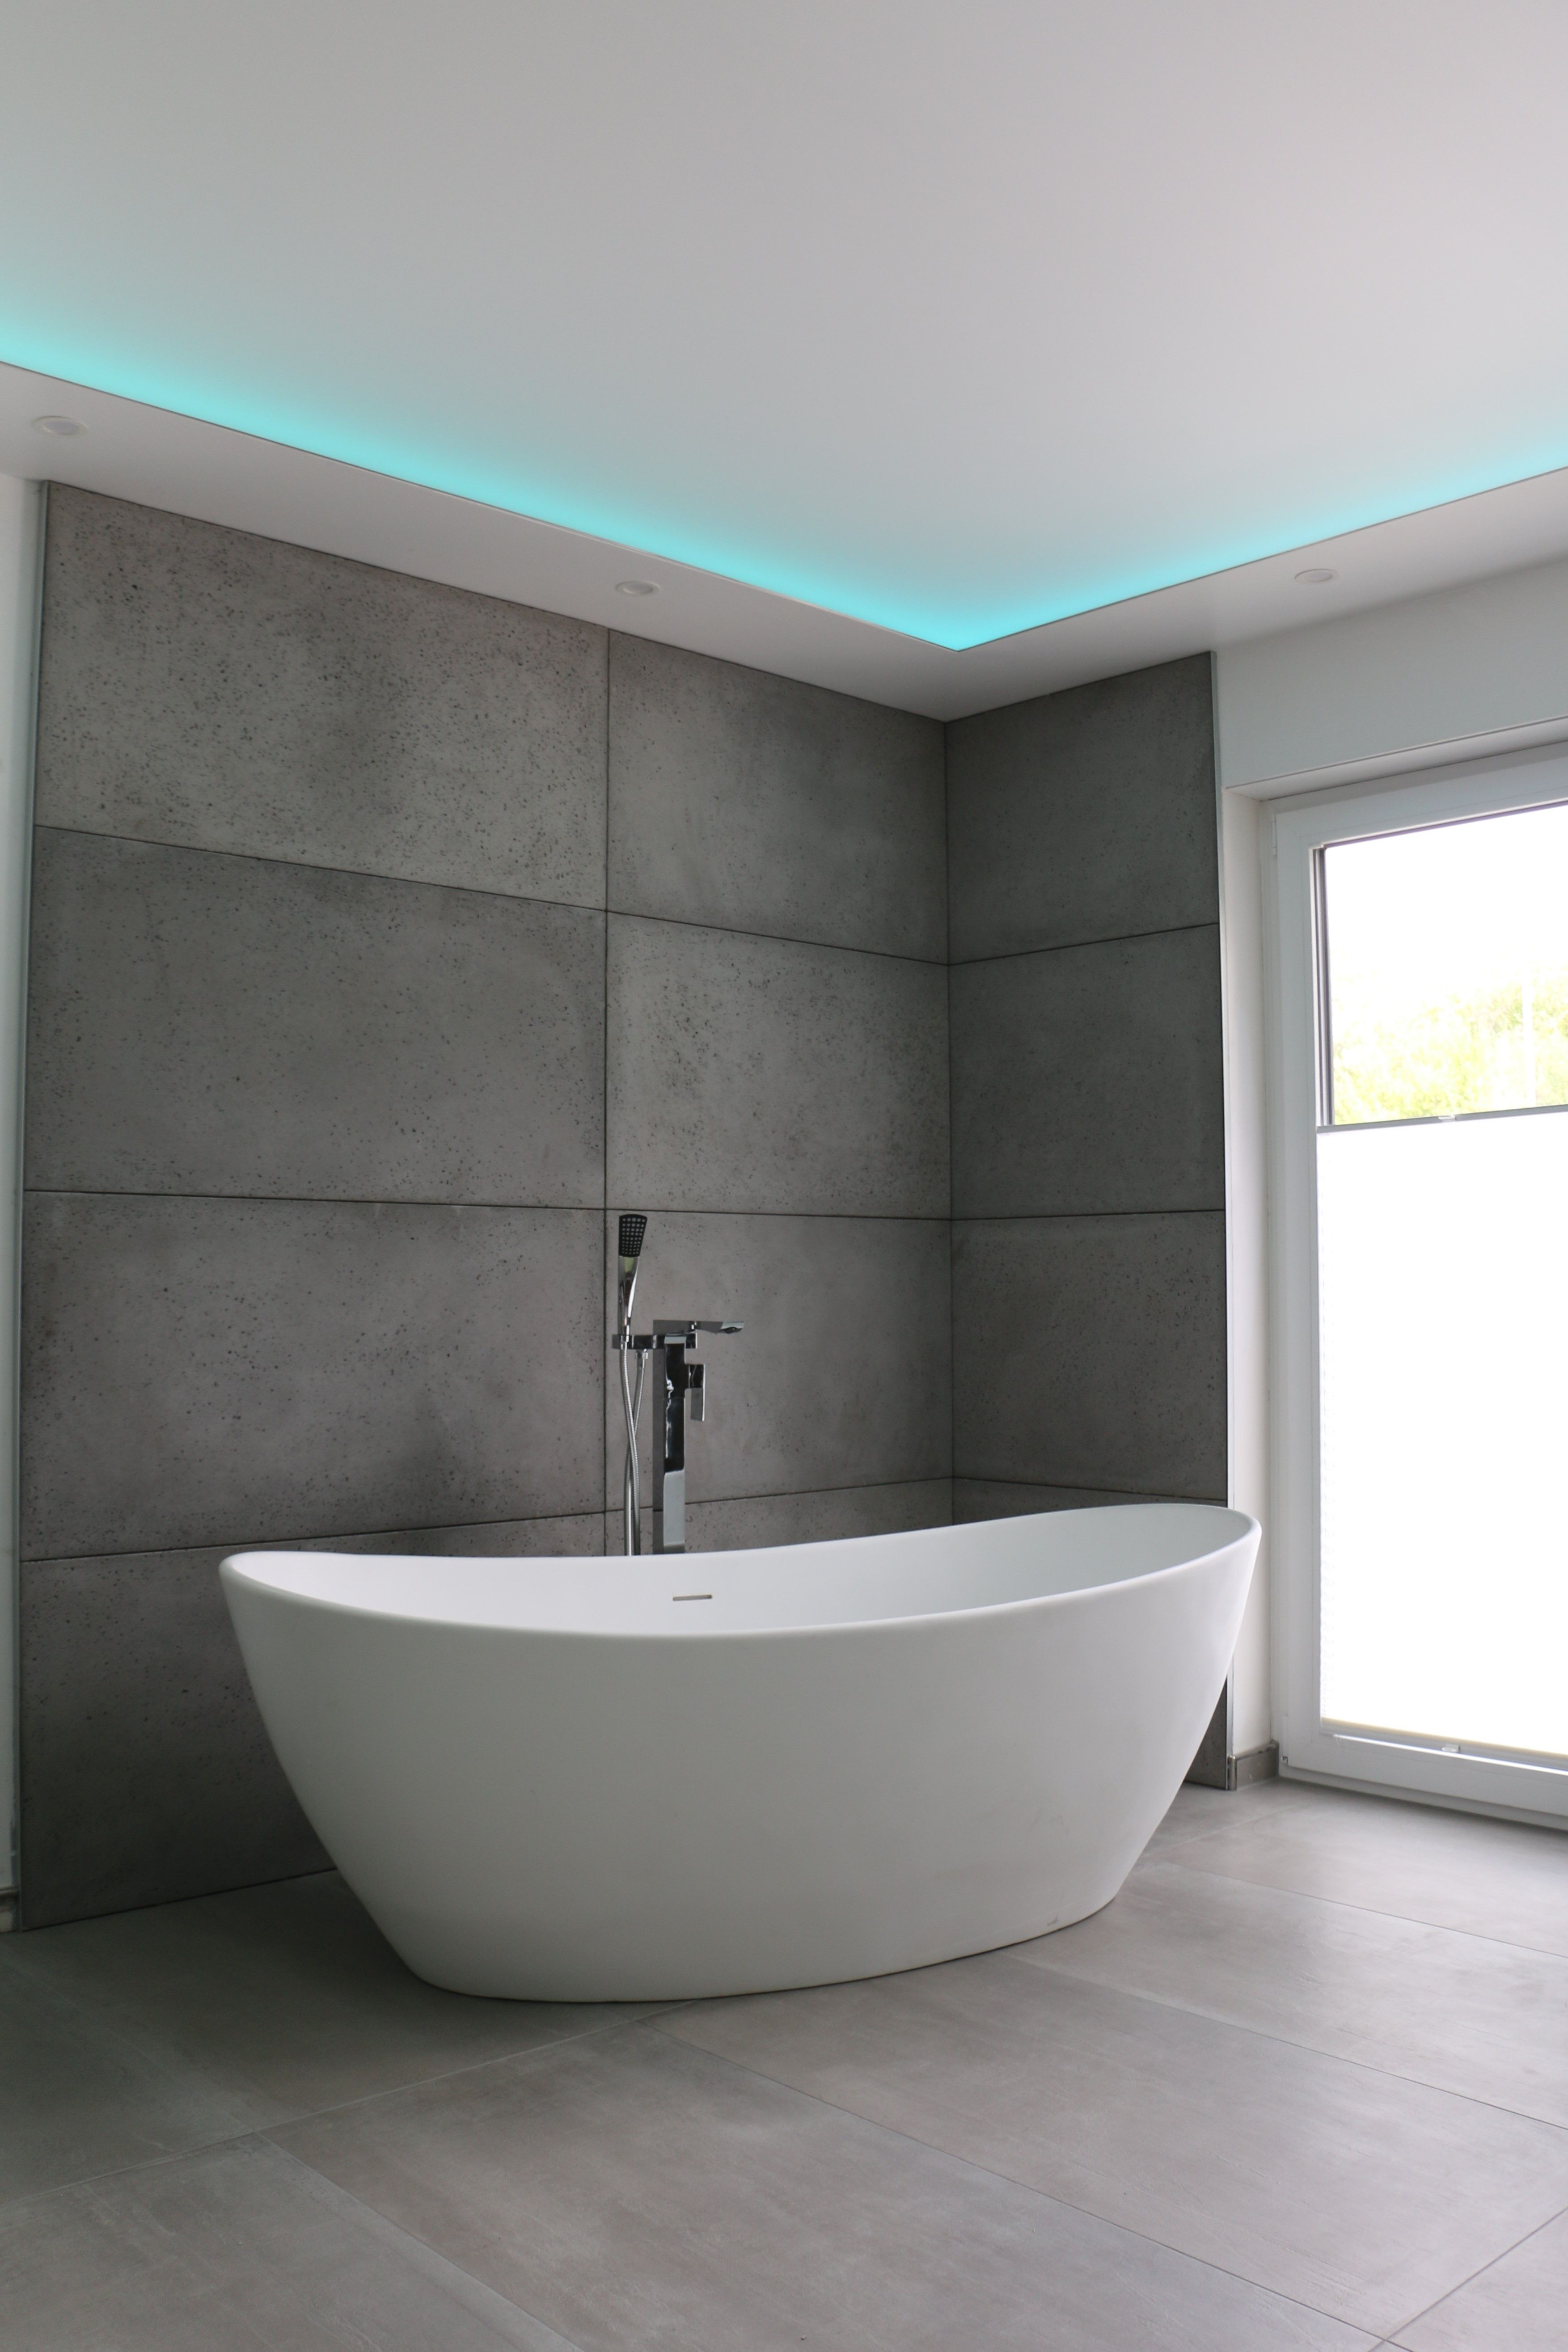 Moderne Badgestaltung Betonplatten Freistehende Badewanne Spanndecke Matt Mit Indirekten Beleuchtu Badgestaltung Badezimmer Design Modernes Badezimmerdesign